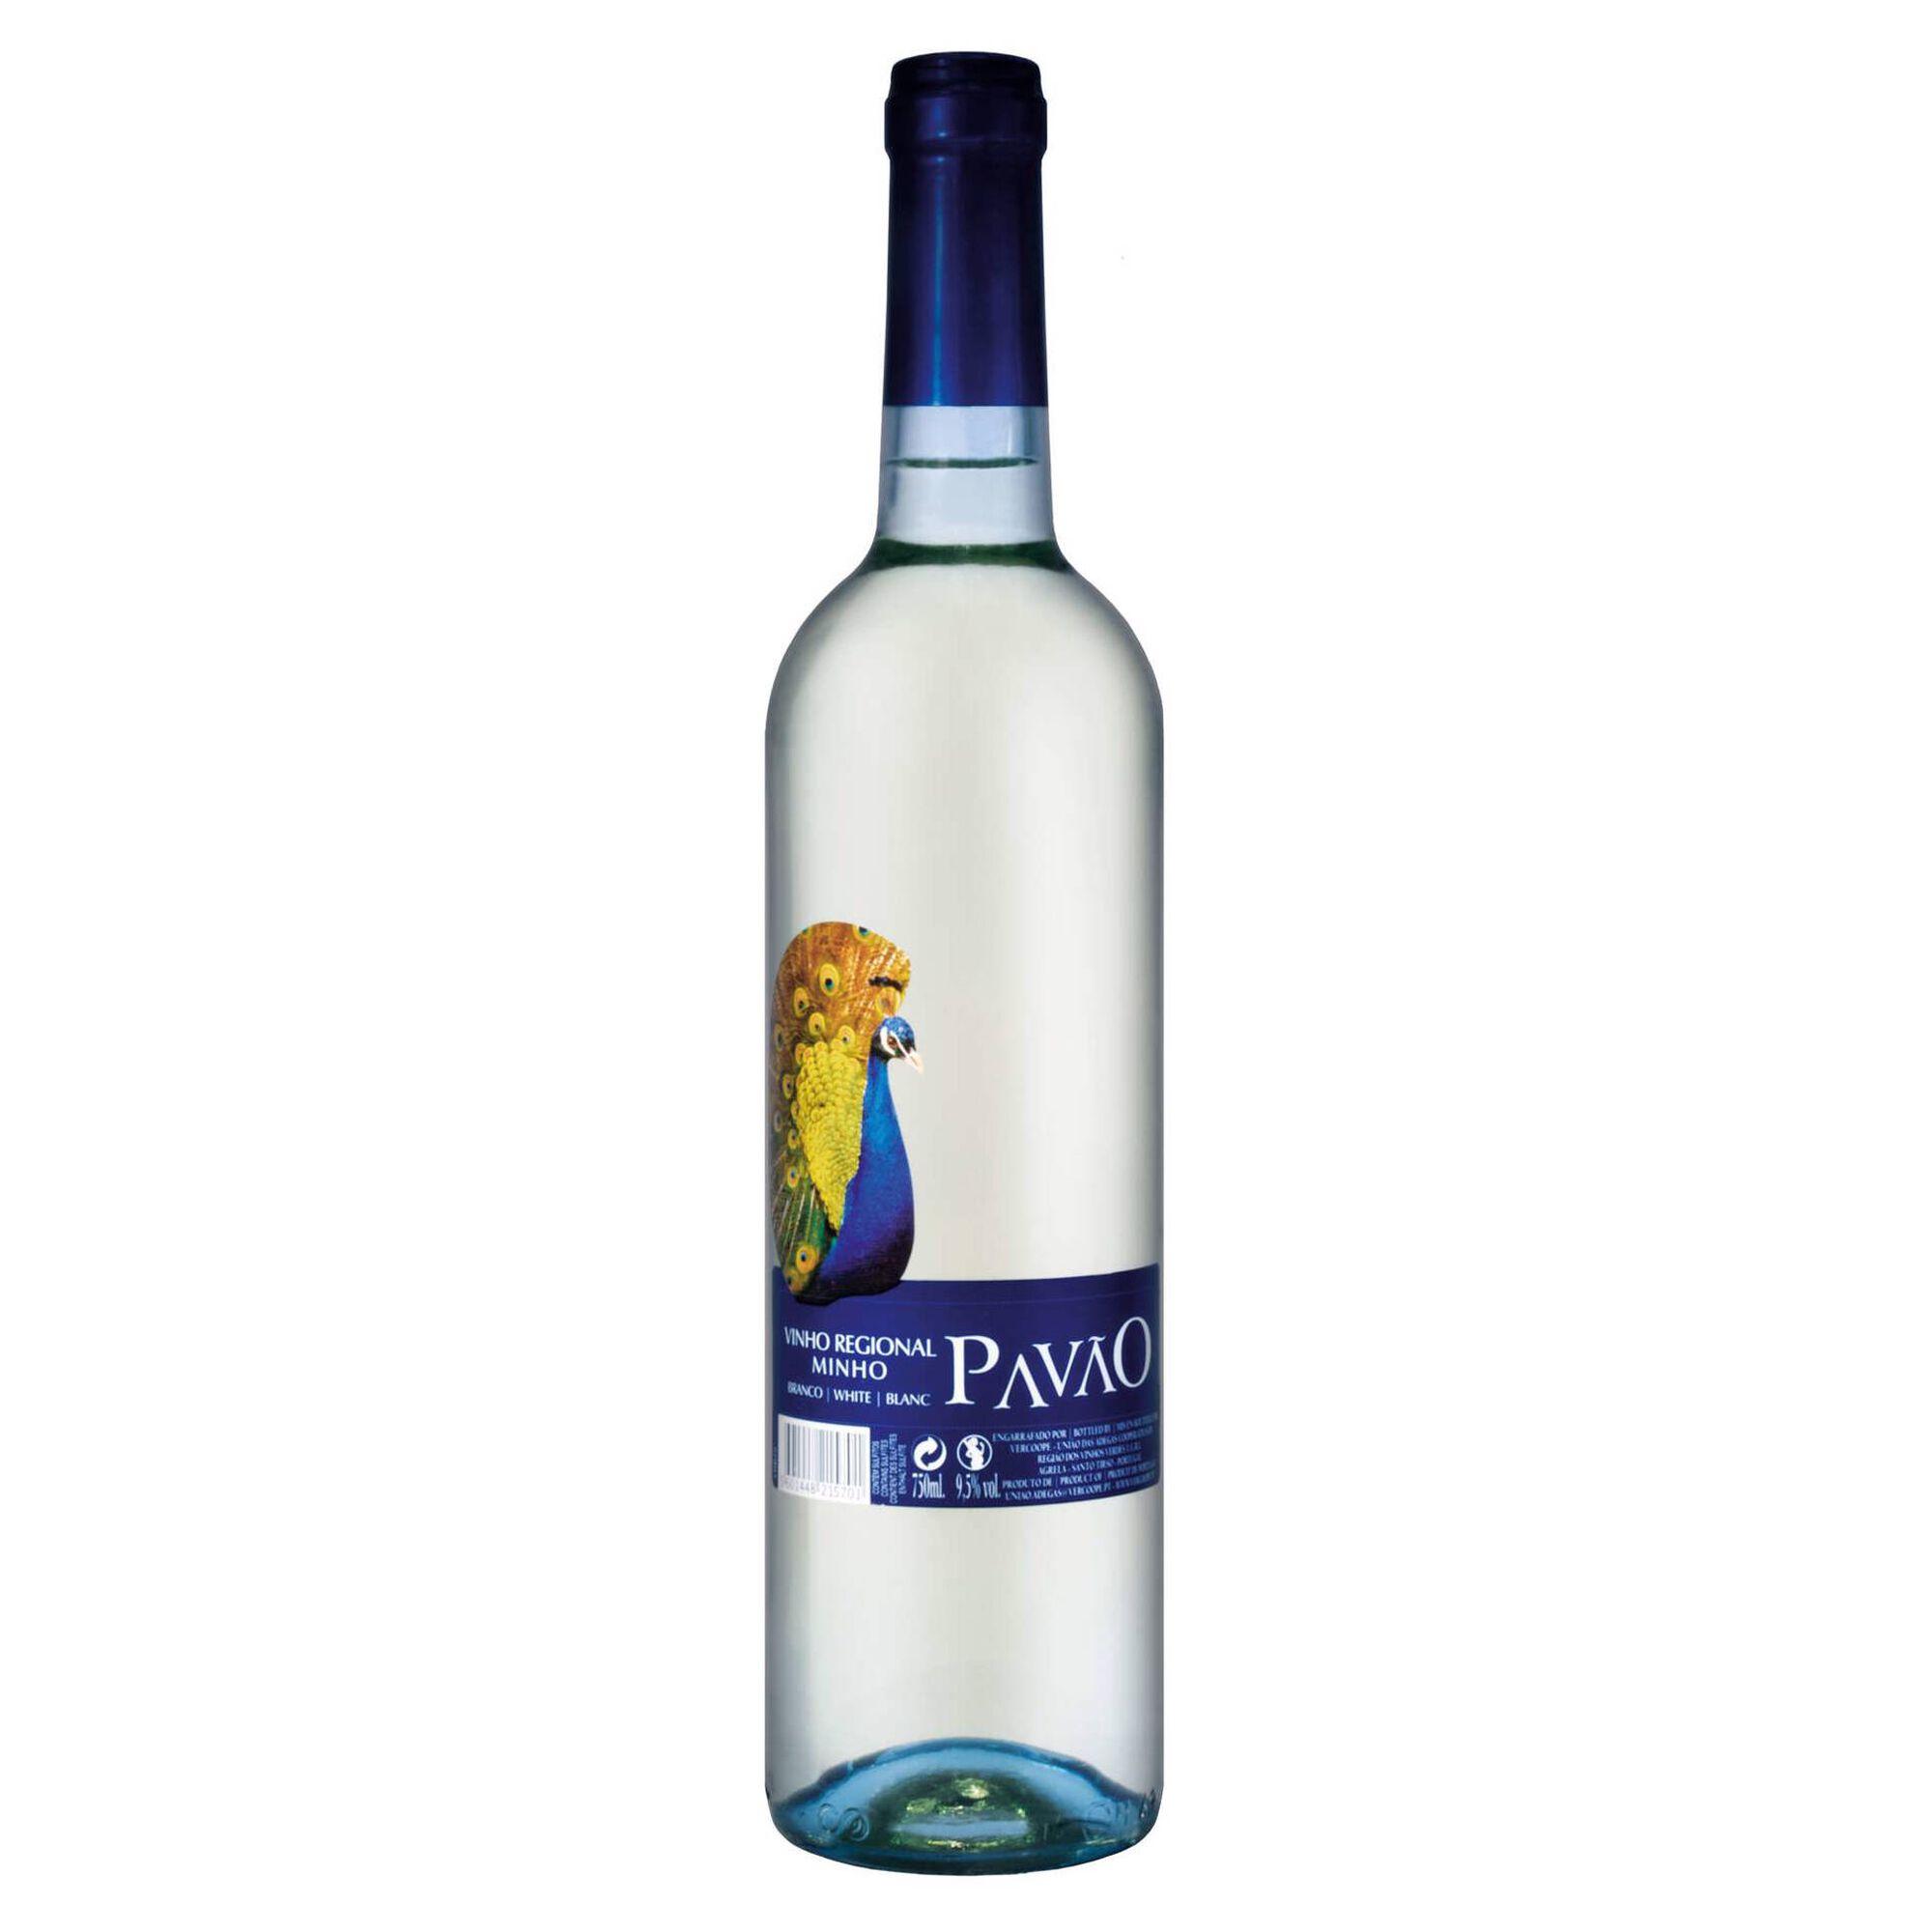 Pavão Regional Minho Vinho Verde  Branco